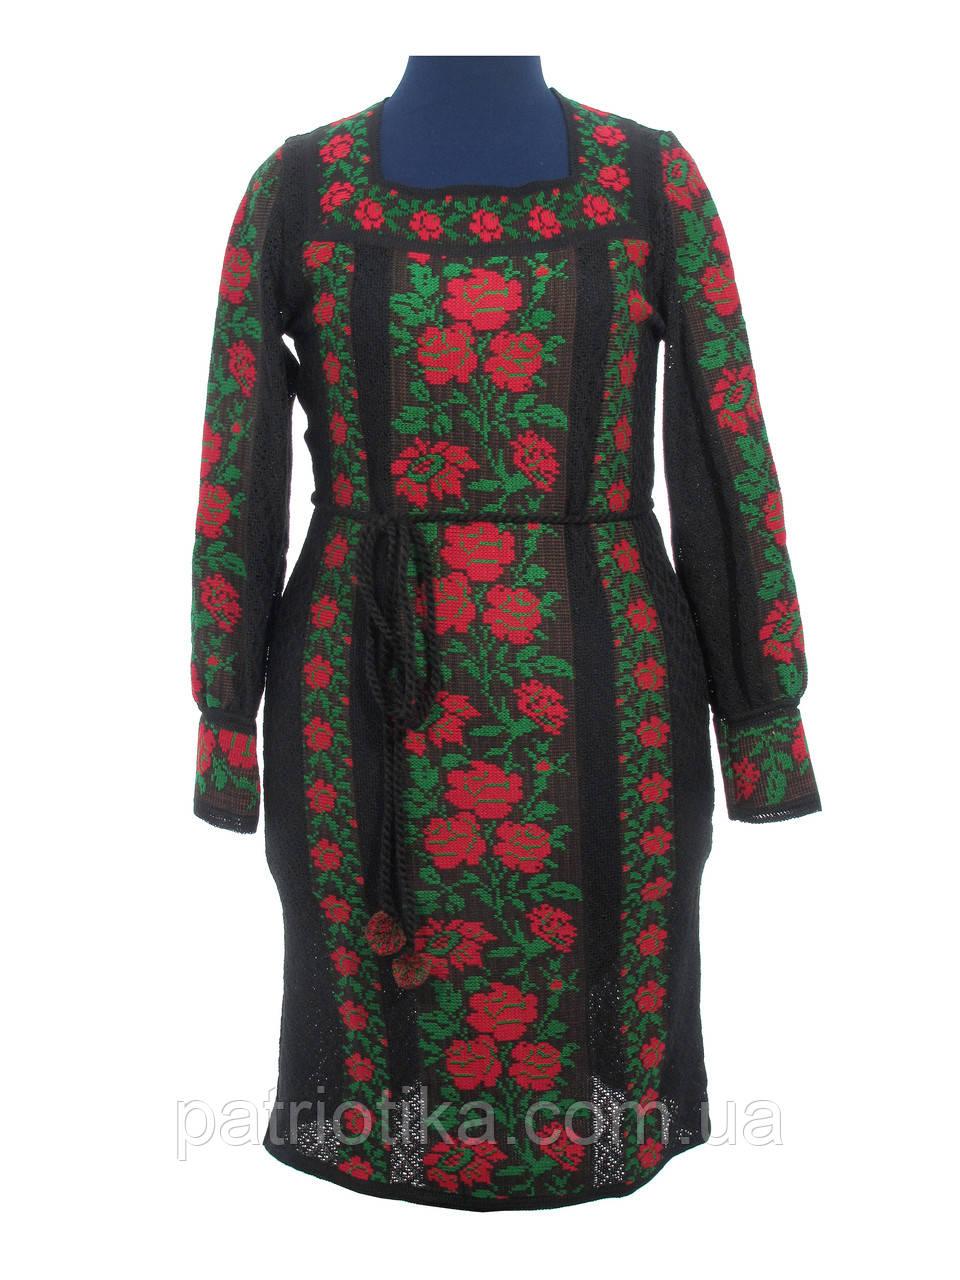 Черное вязаное платье Розы красные | Чорне в'язане плаття Троянди червоні